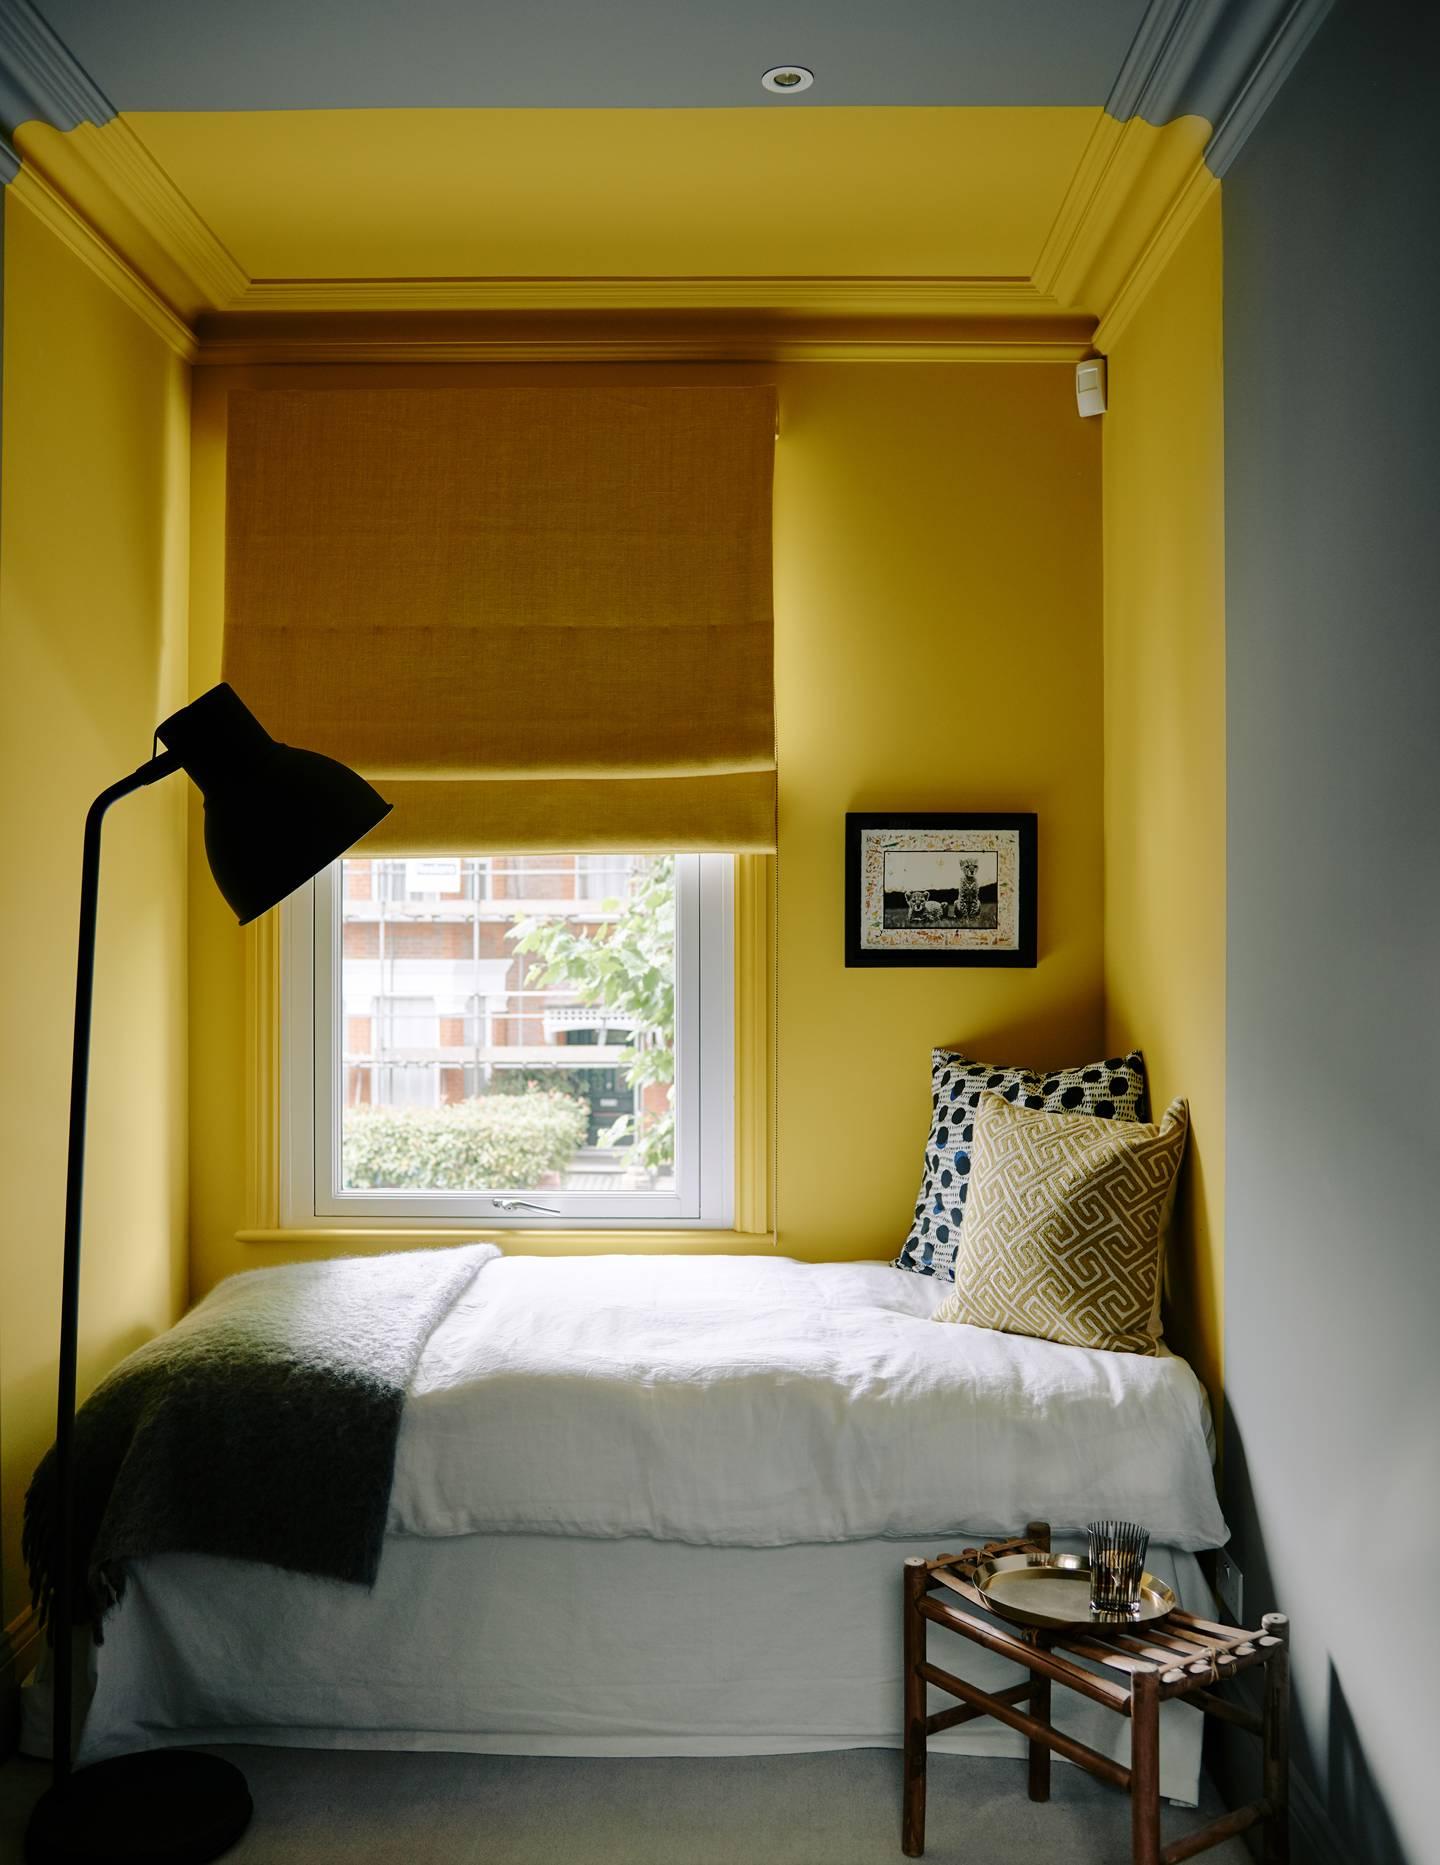 camera da letto con muri grigio e giallo